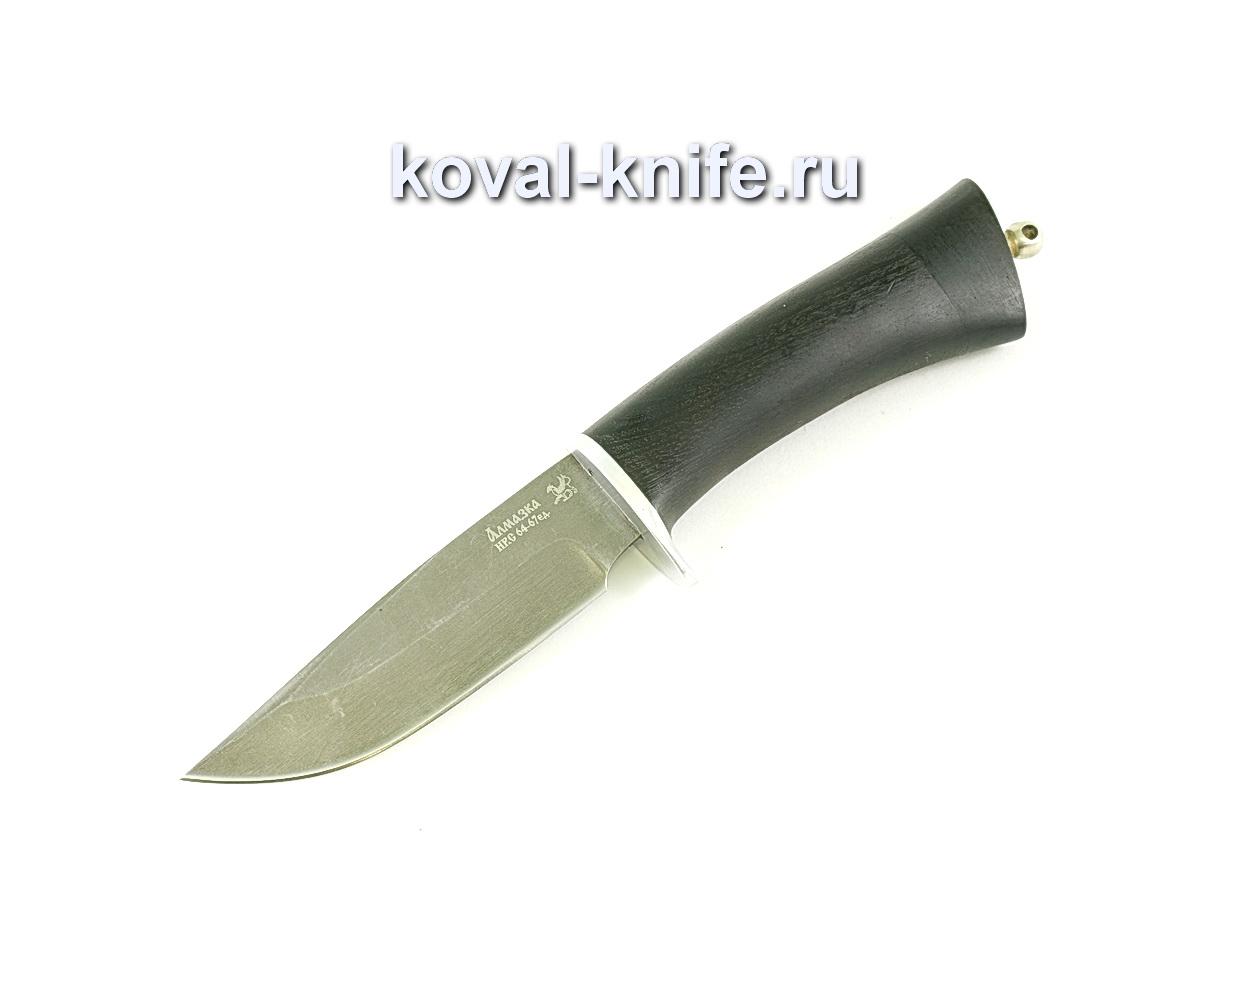 Нож Норвег (сталь ХВ5-Алмазка), рукоять граб A047